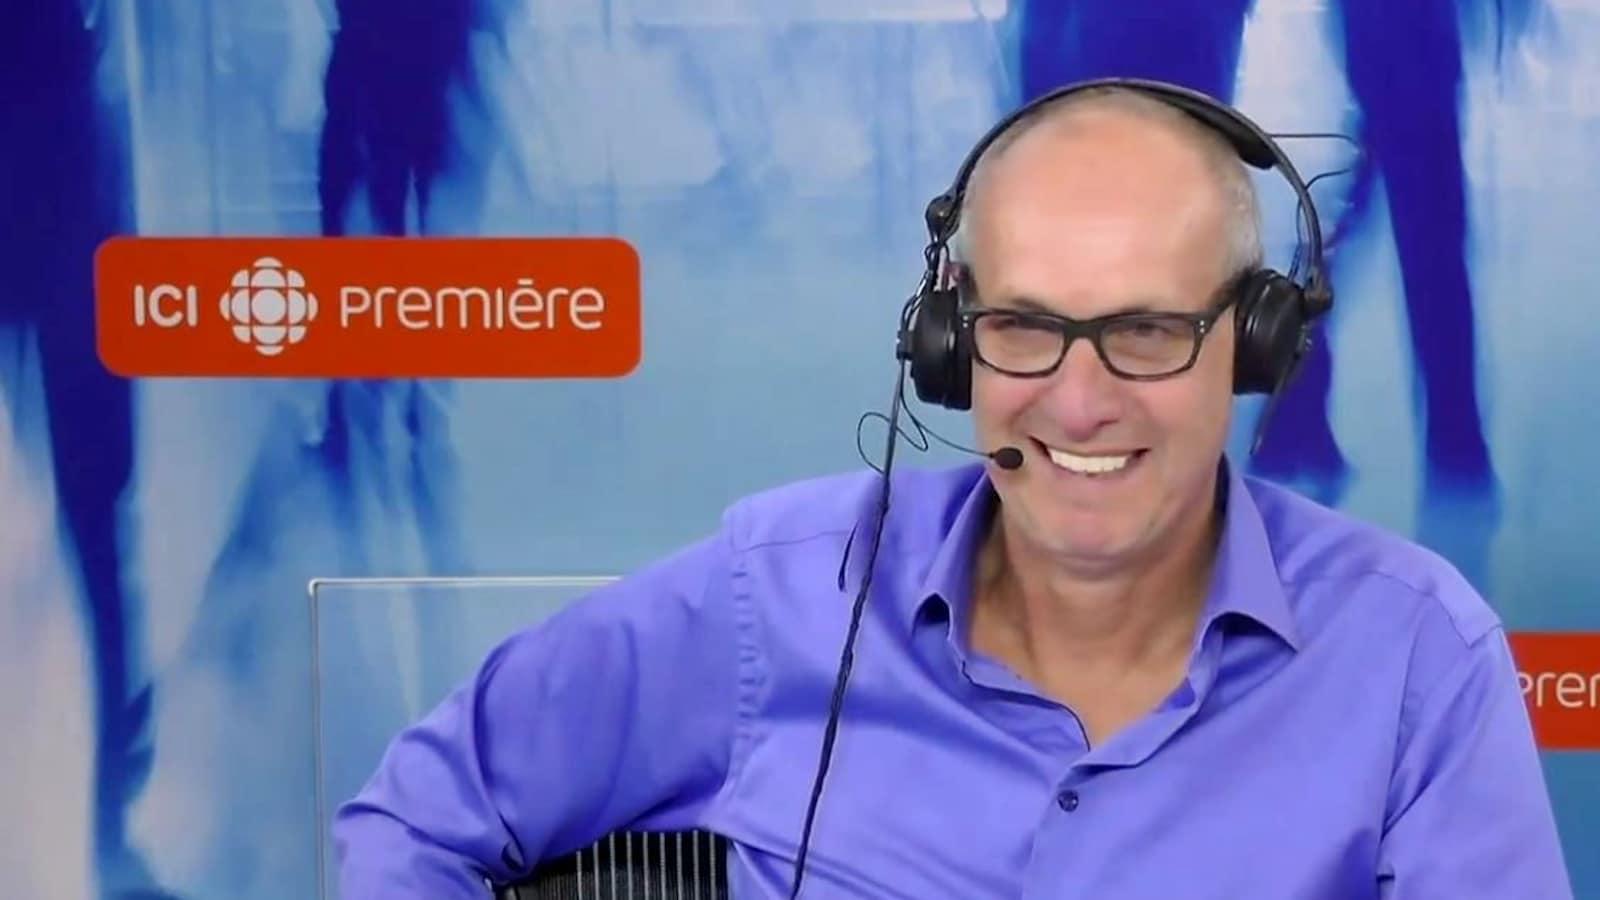 L'animateur Alain Gravel, souriant, dans son studio d'ICI Première.